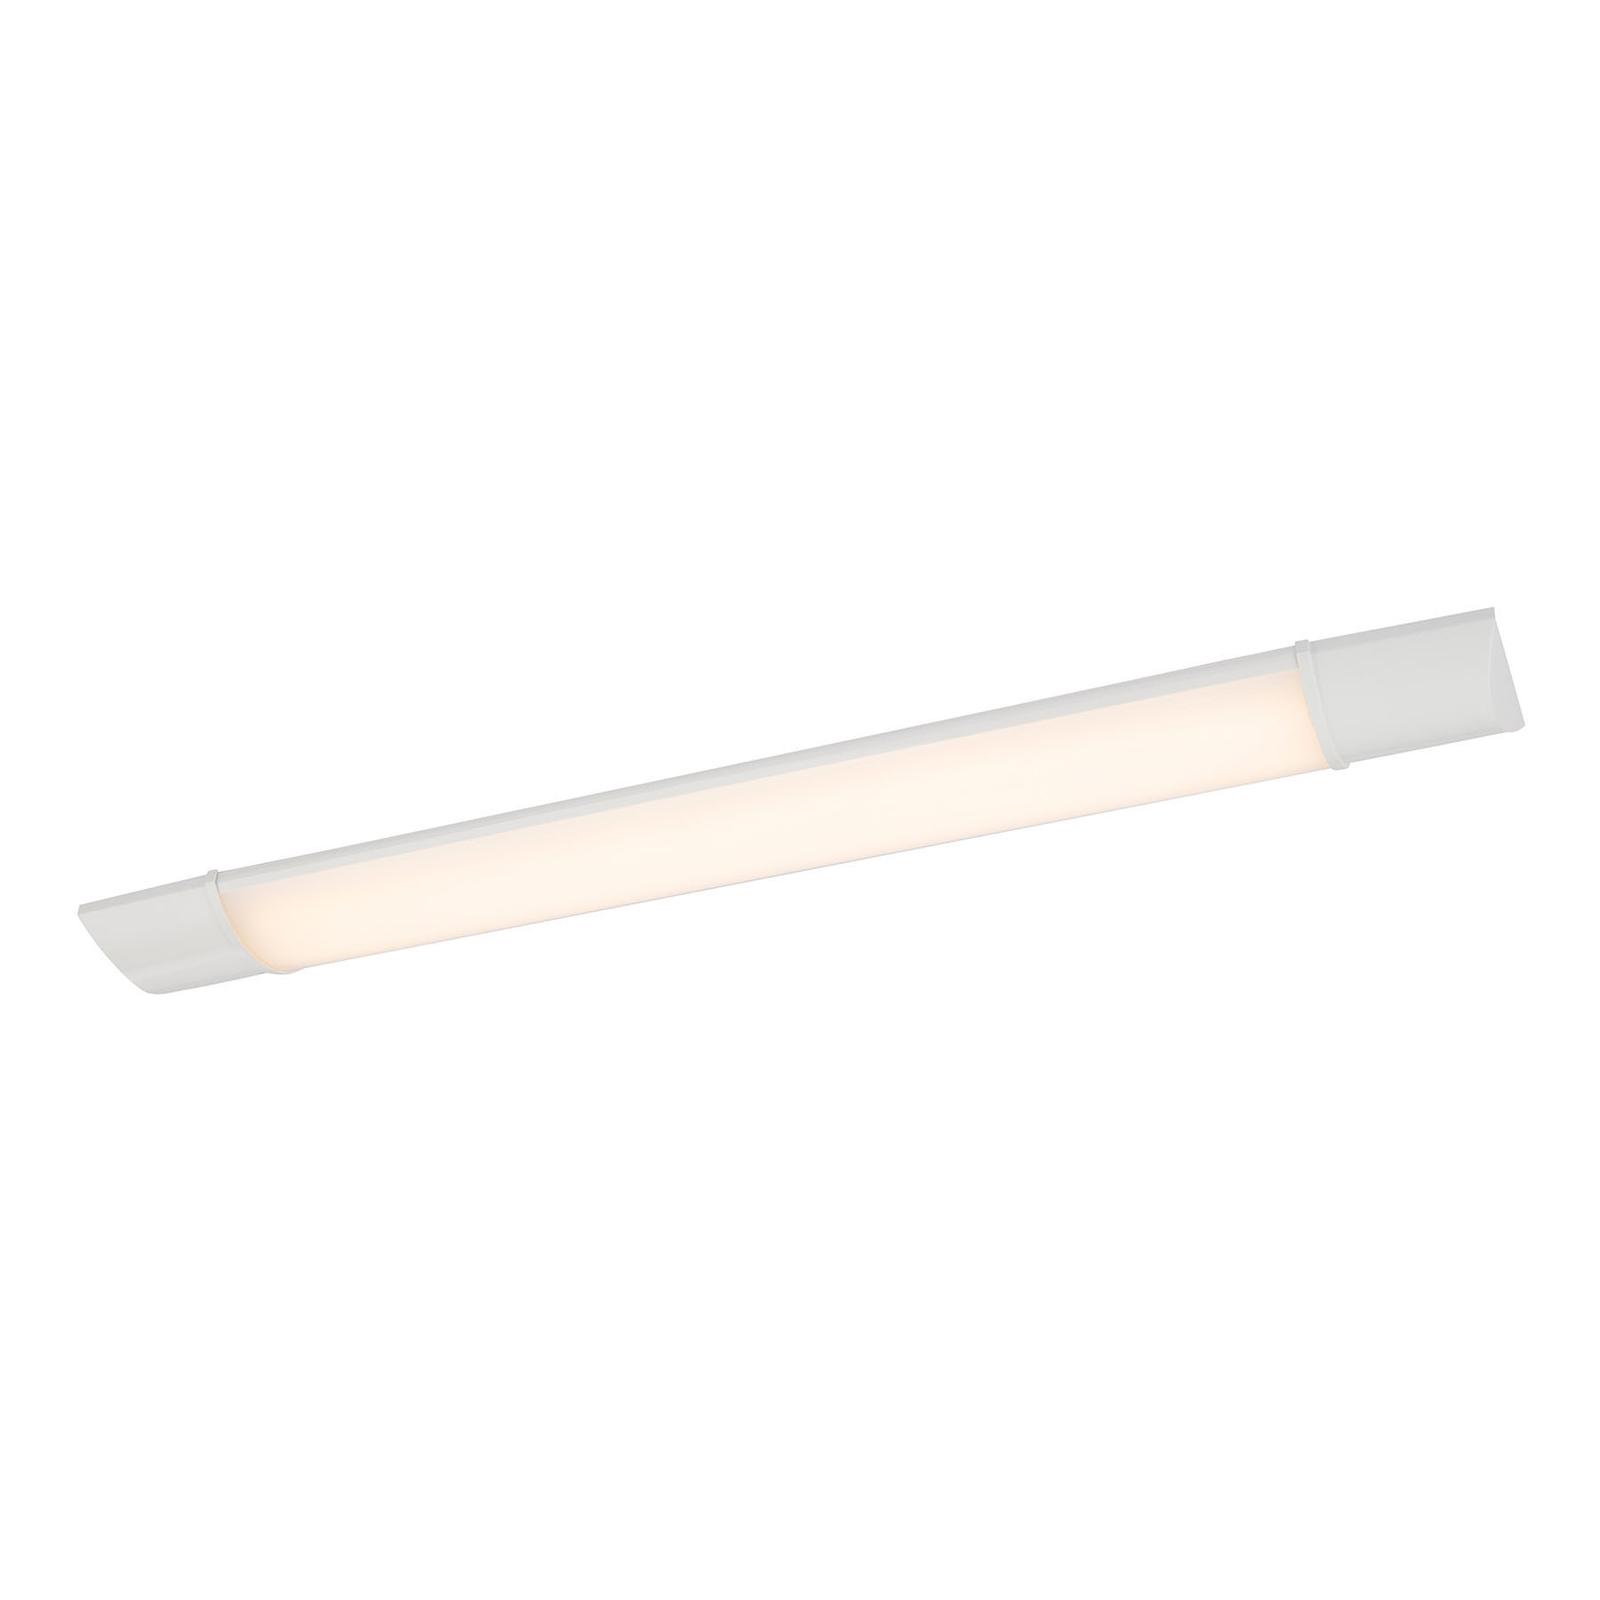 LED-benkbelysning Obara, IP20, 60 cm lang